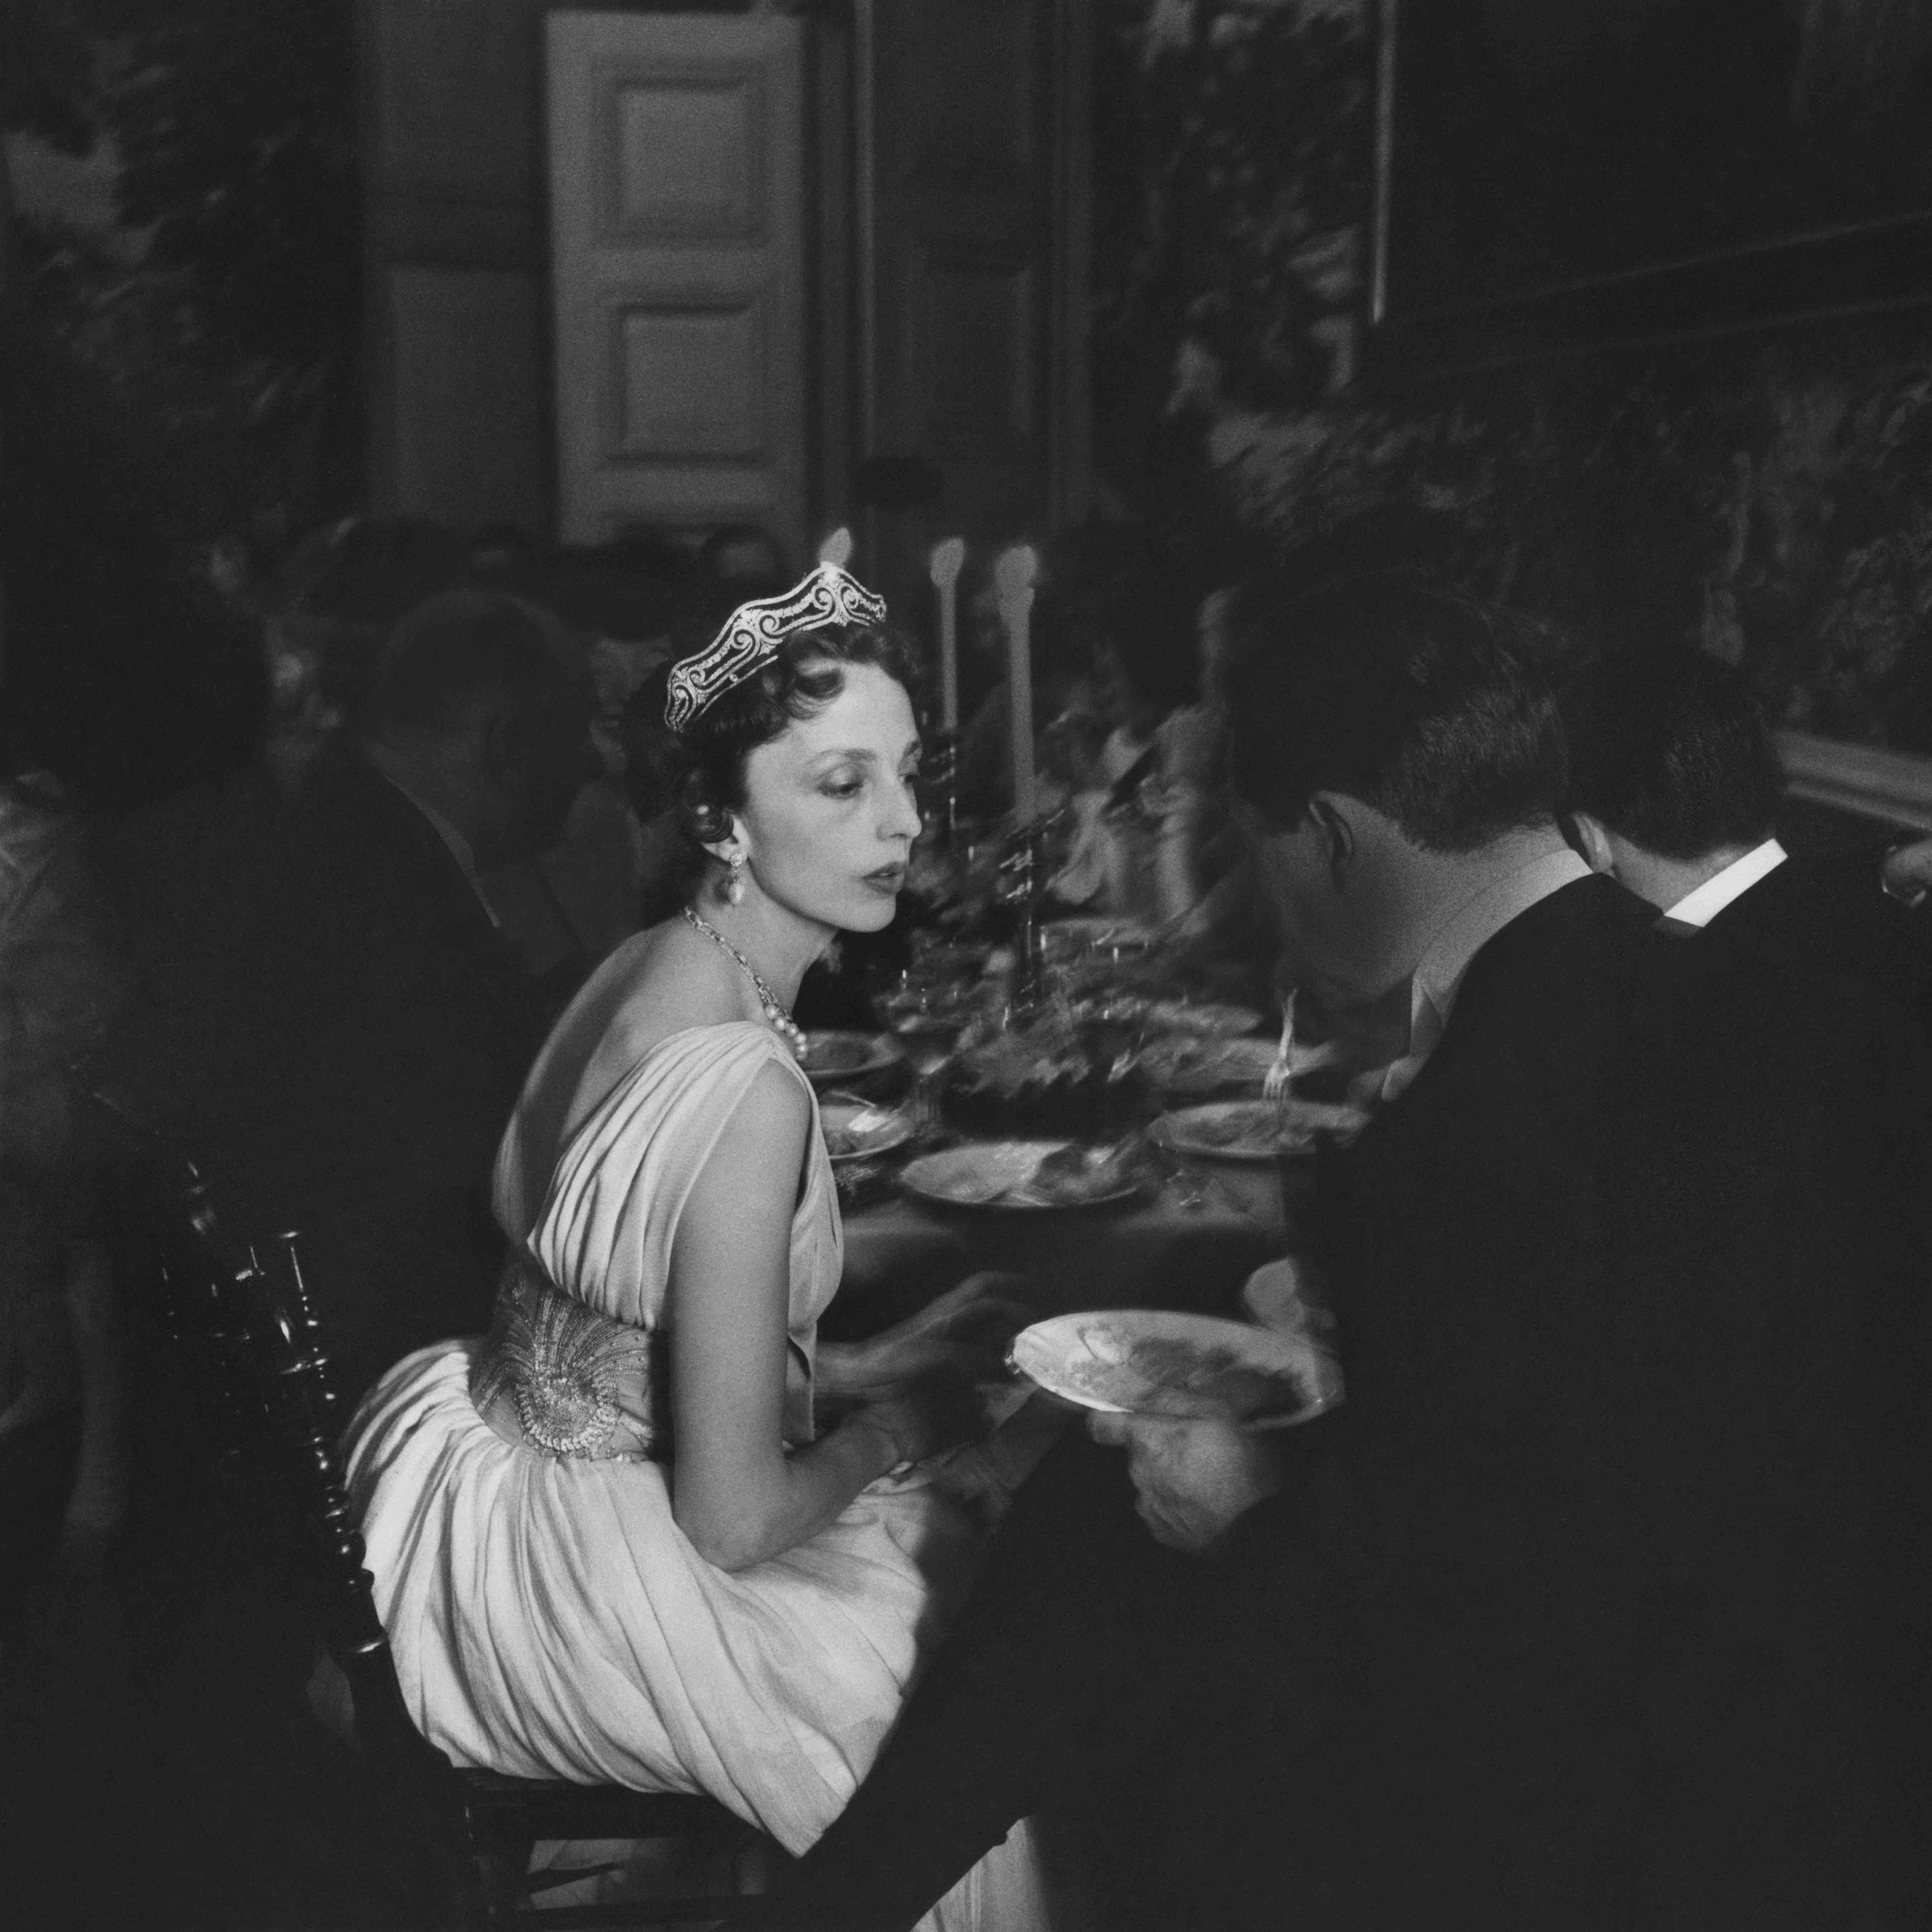 Robert Doisneau, La-comtesse-de-Bourbon-Busset-robe-de-Lanvin-Castillo-au-Chateau-de-Groussay-chez-Mons-ieur-de-Besteigui-mai-1957-